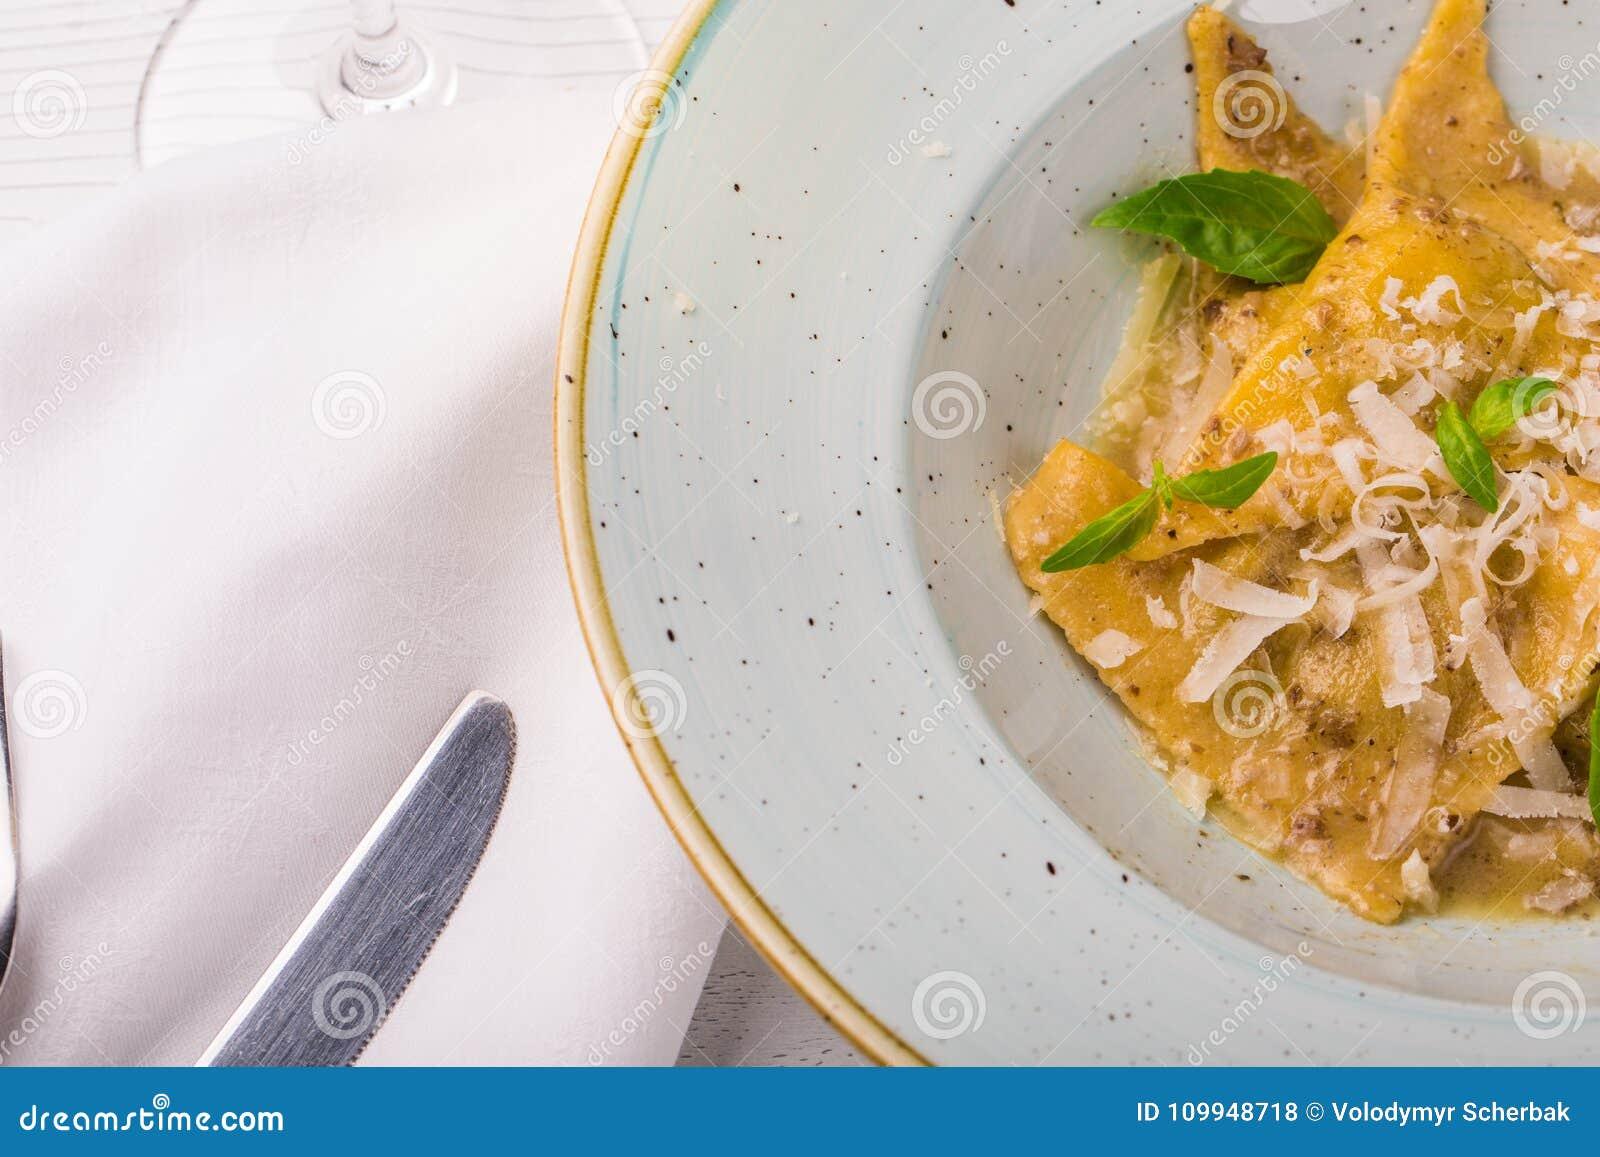 Italiensk raviolitortellini med basilika- och parmesanost på en vit platta